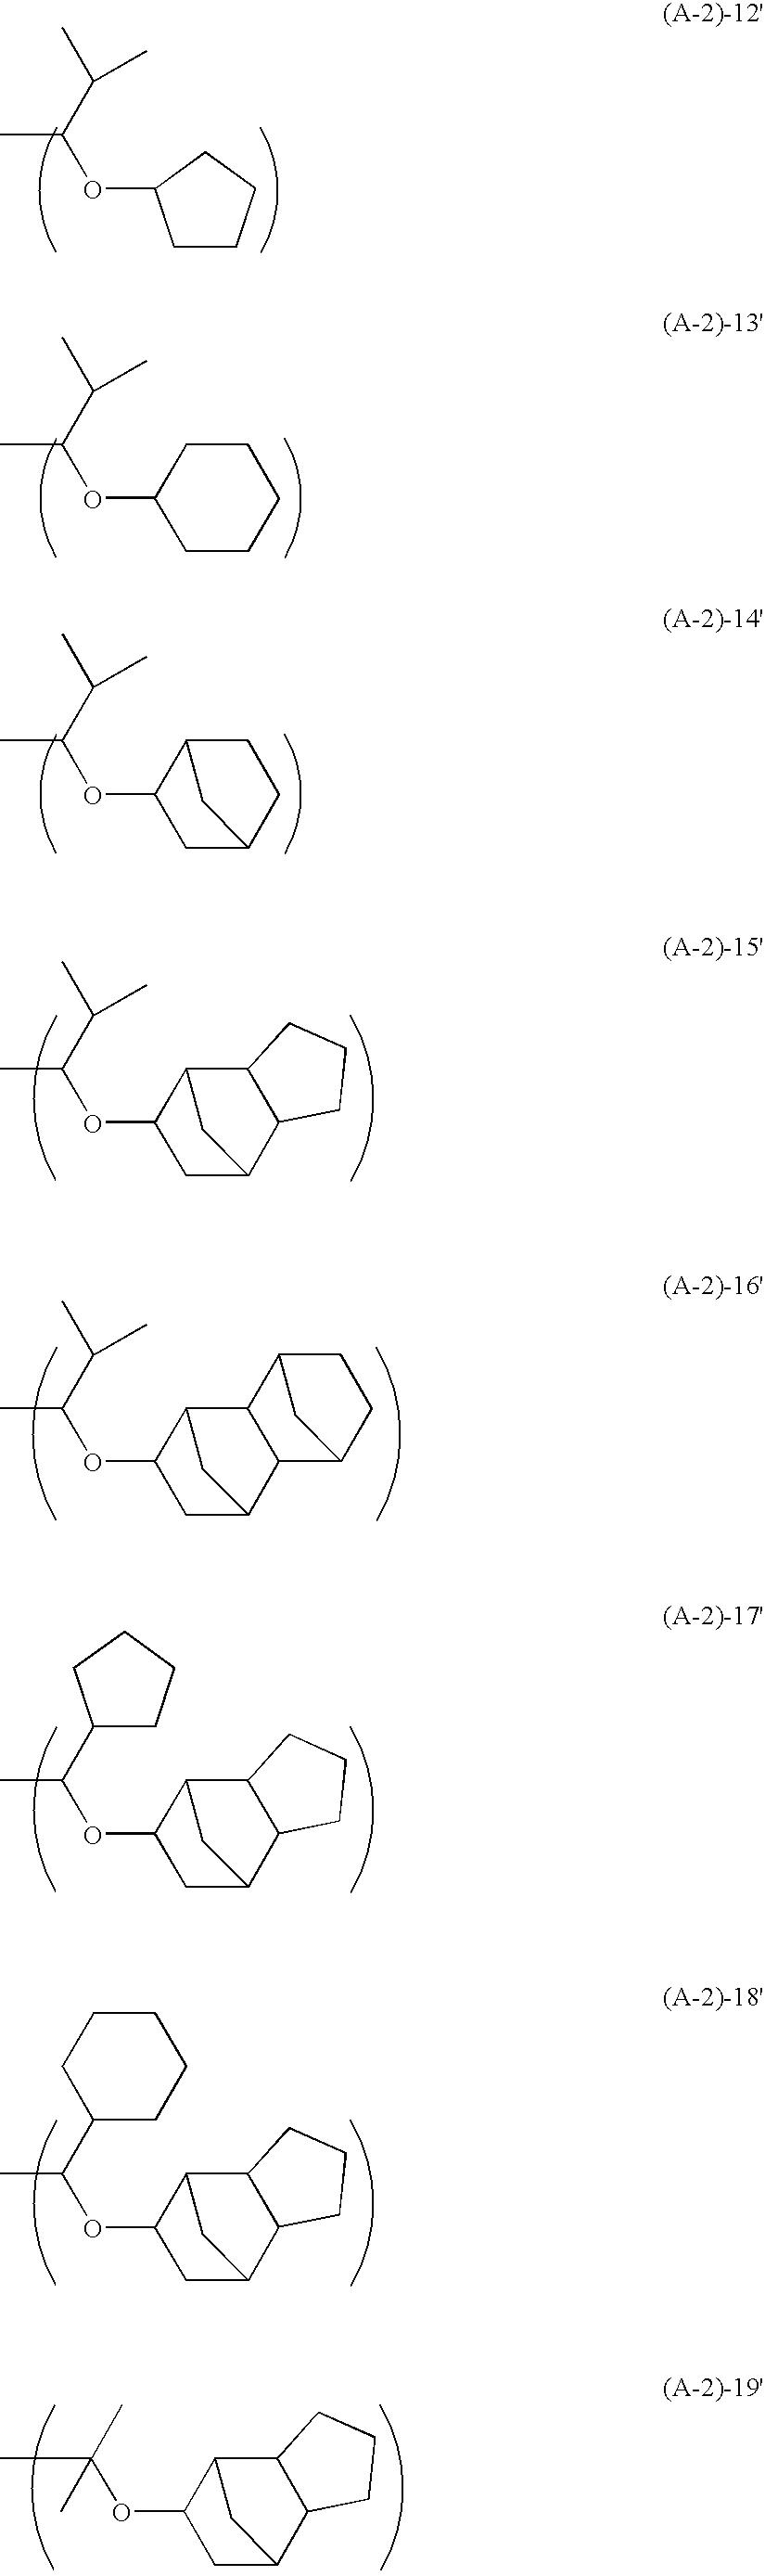 Figure US20080020289A1-20080124-C00016